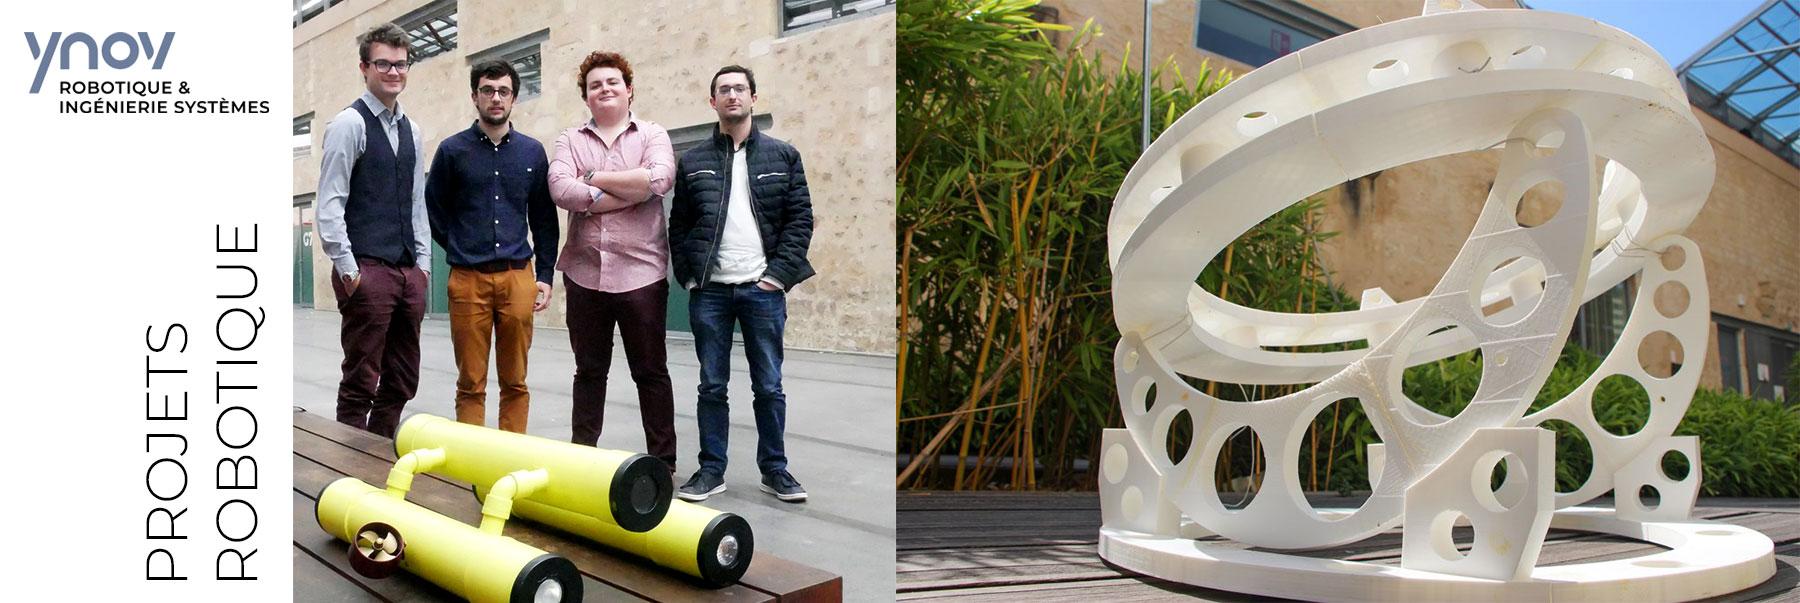 ecole robotique projets etudiants